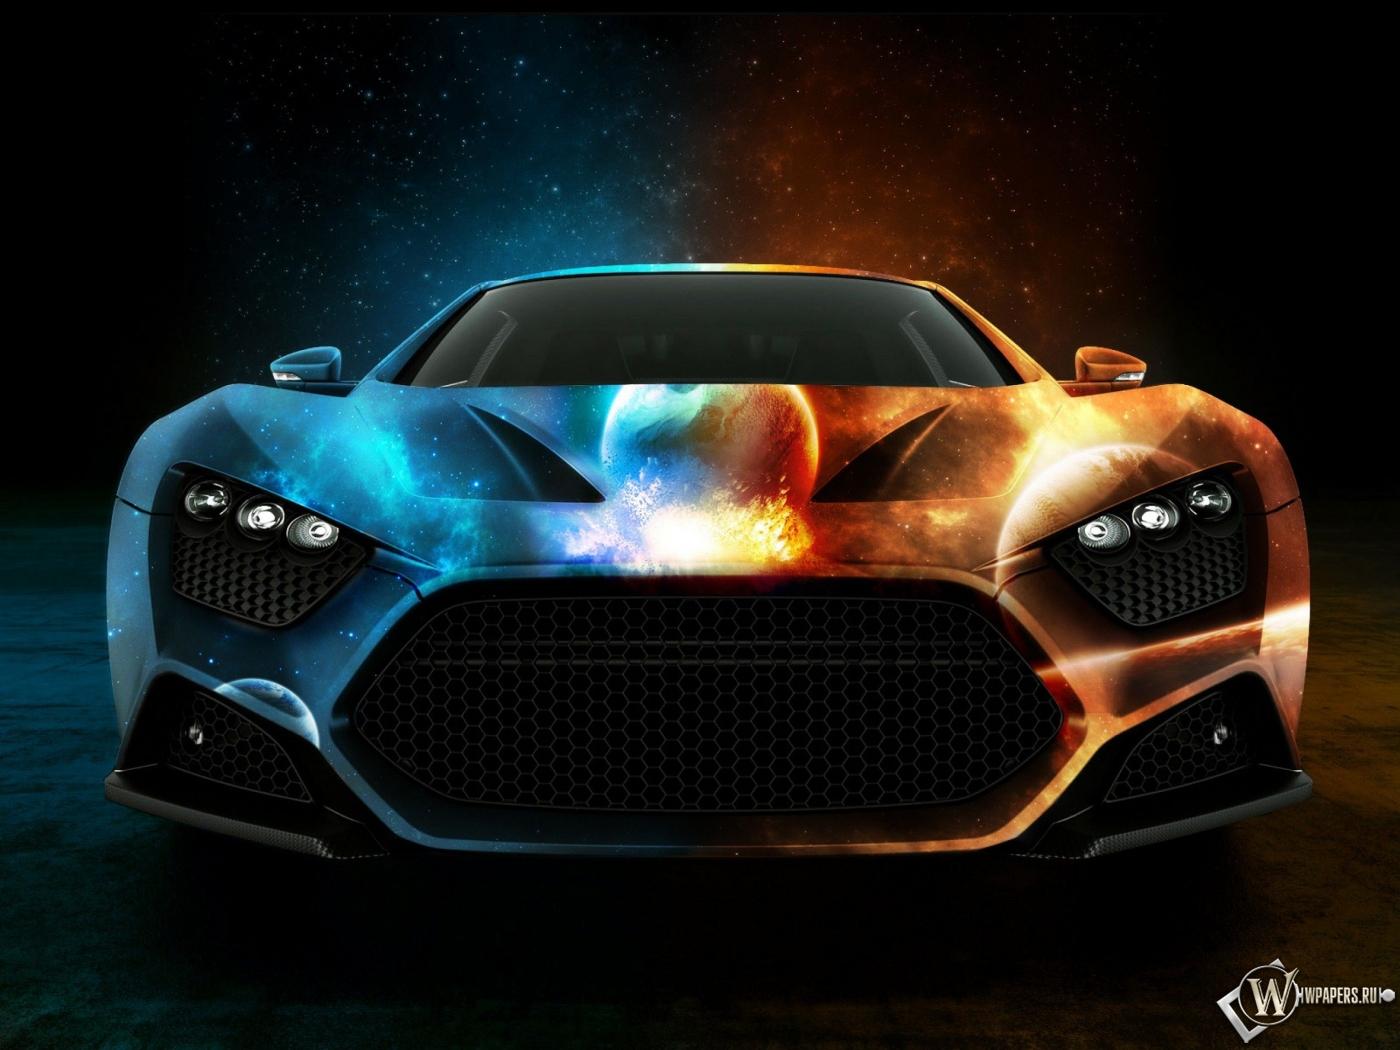 Машина двух миров 1400x1050